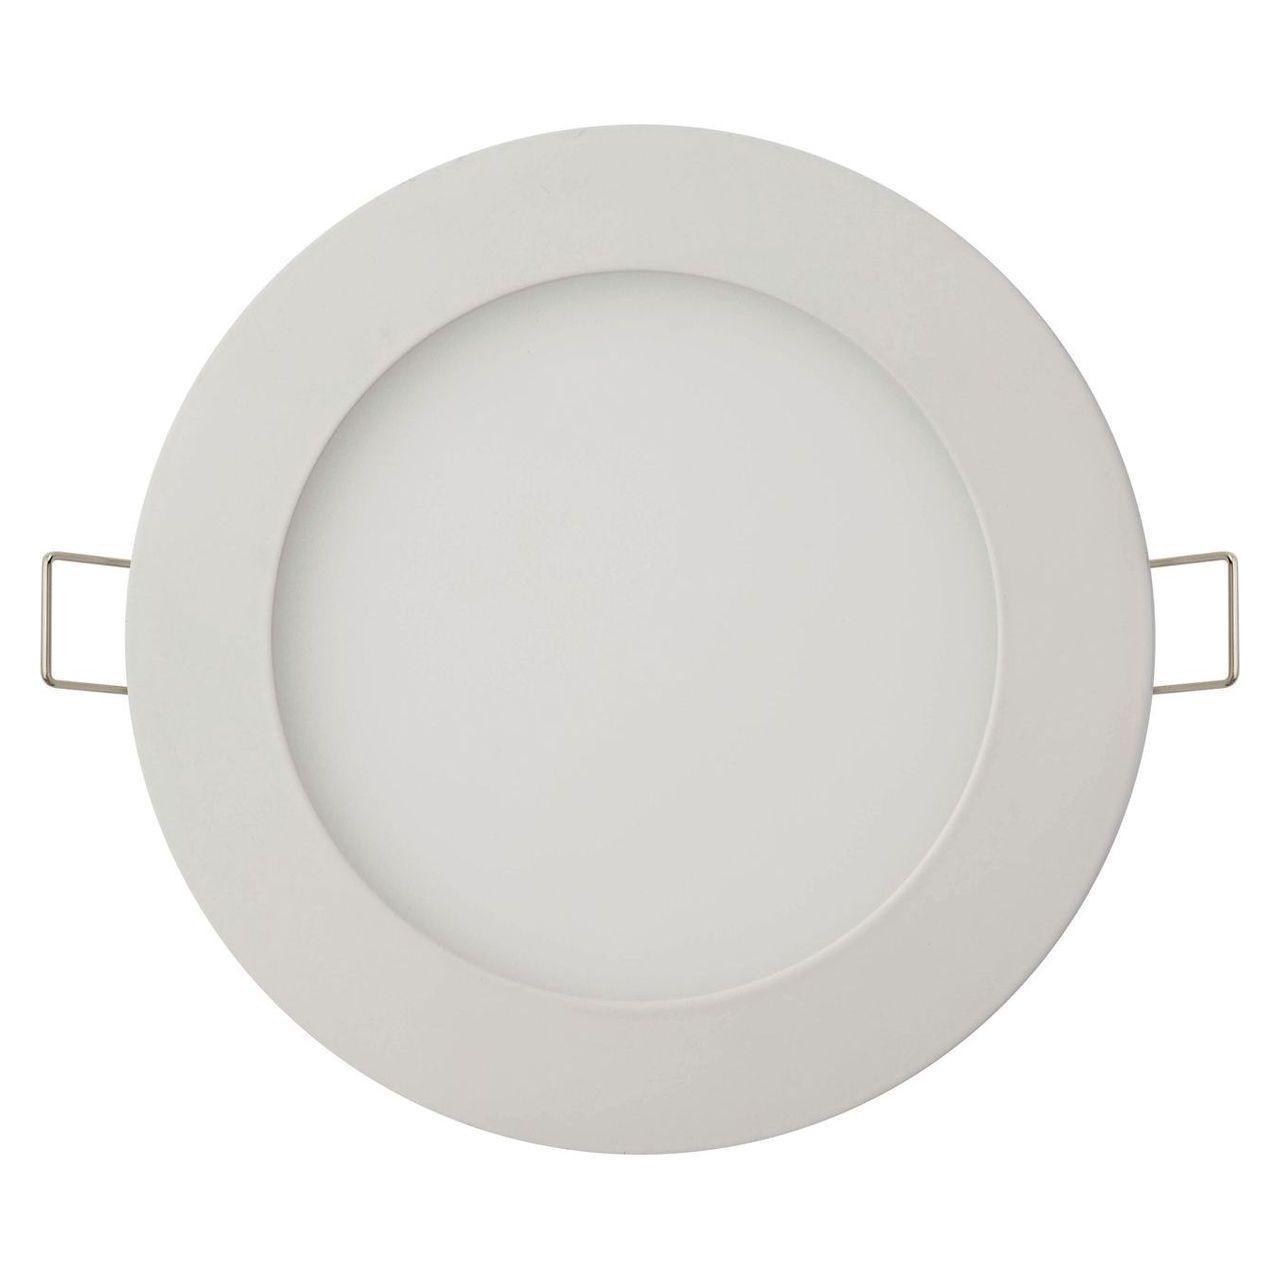 цена на Встраиваемый светодиодный светильник Horoz Slim-9 9W 4200K 056-003-0009